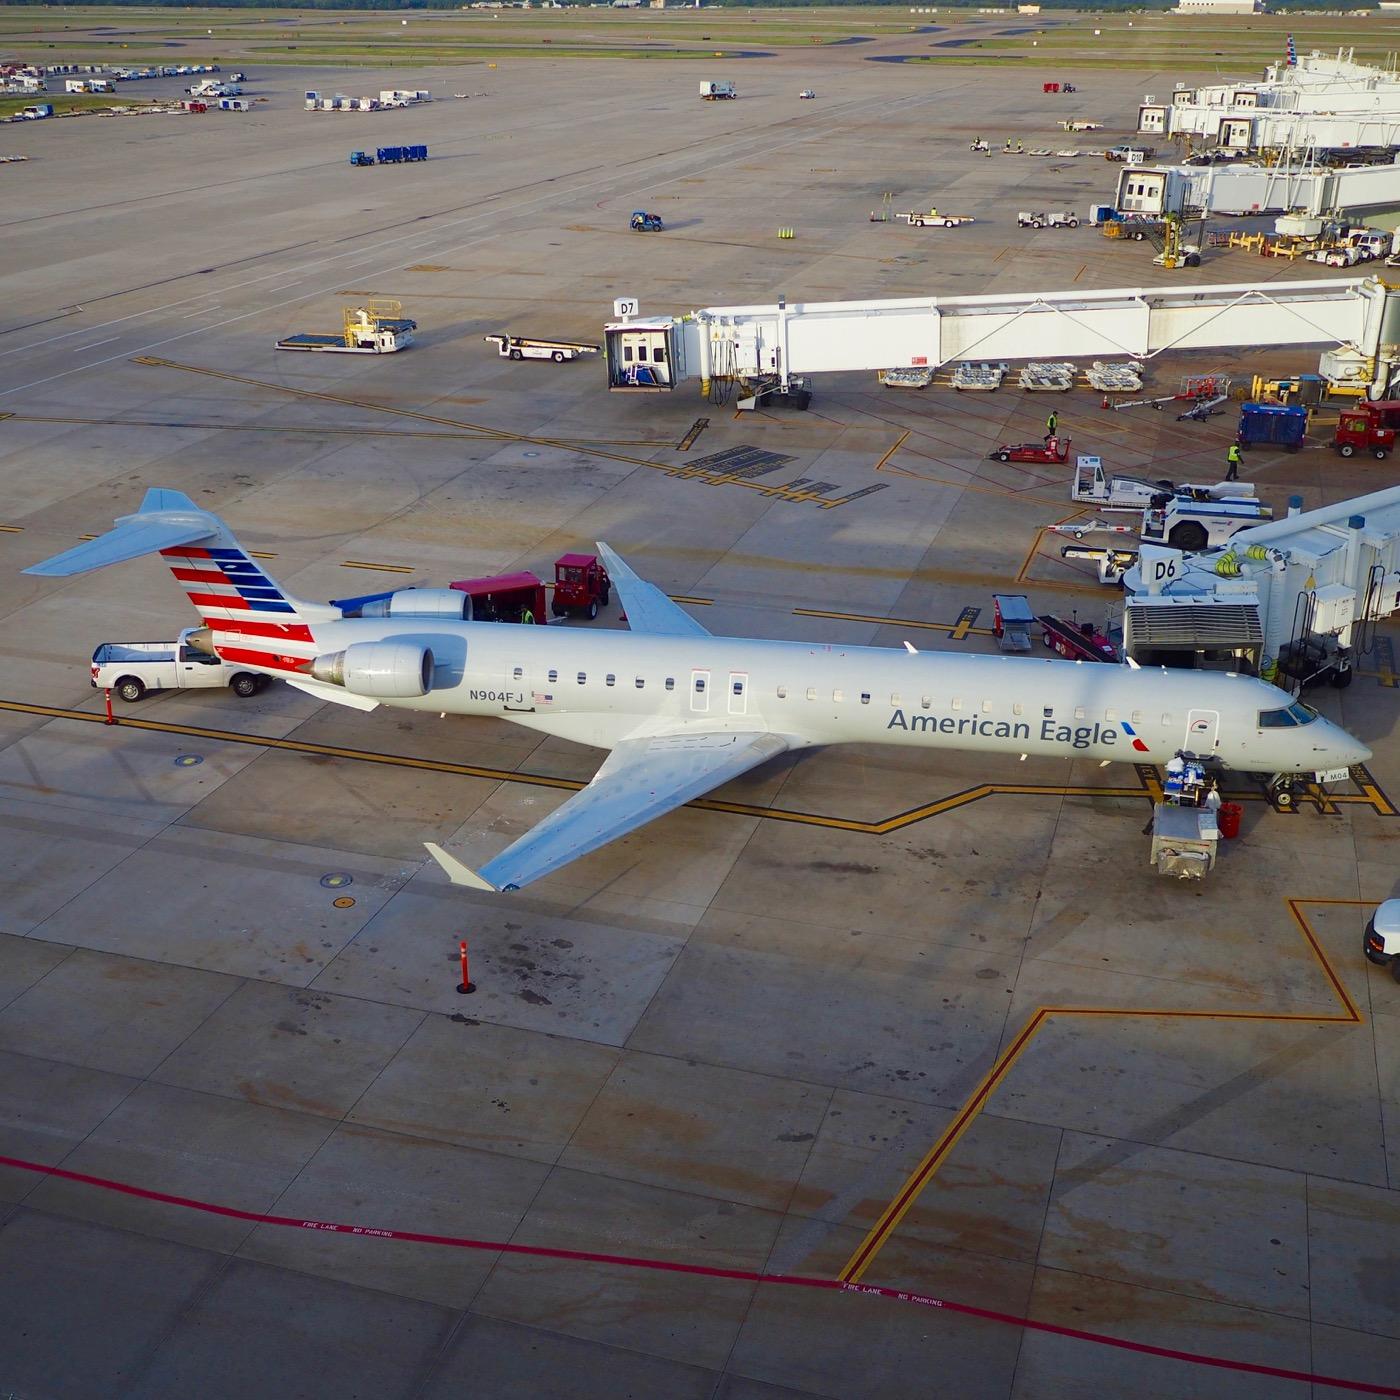 【ティアポイント大幅減】アメリカン航空国内線ファーストクラス(2クラス運航便)のブッキングクラスが変更に